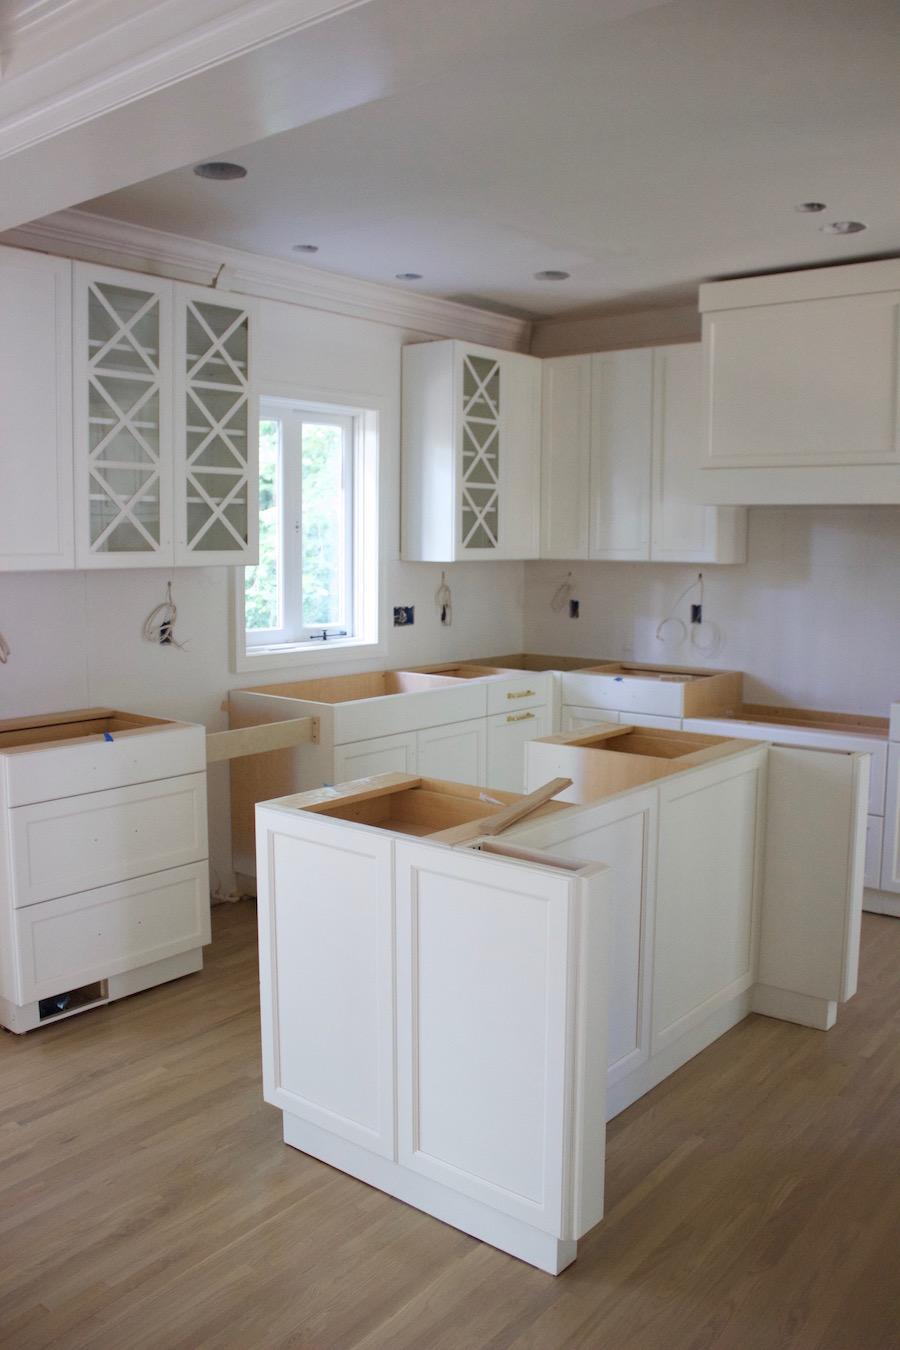 bluedoorliving-renovation-kitchen-progress-1.jpg